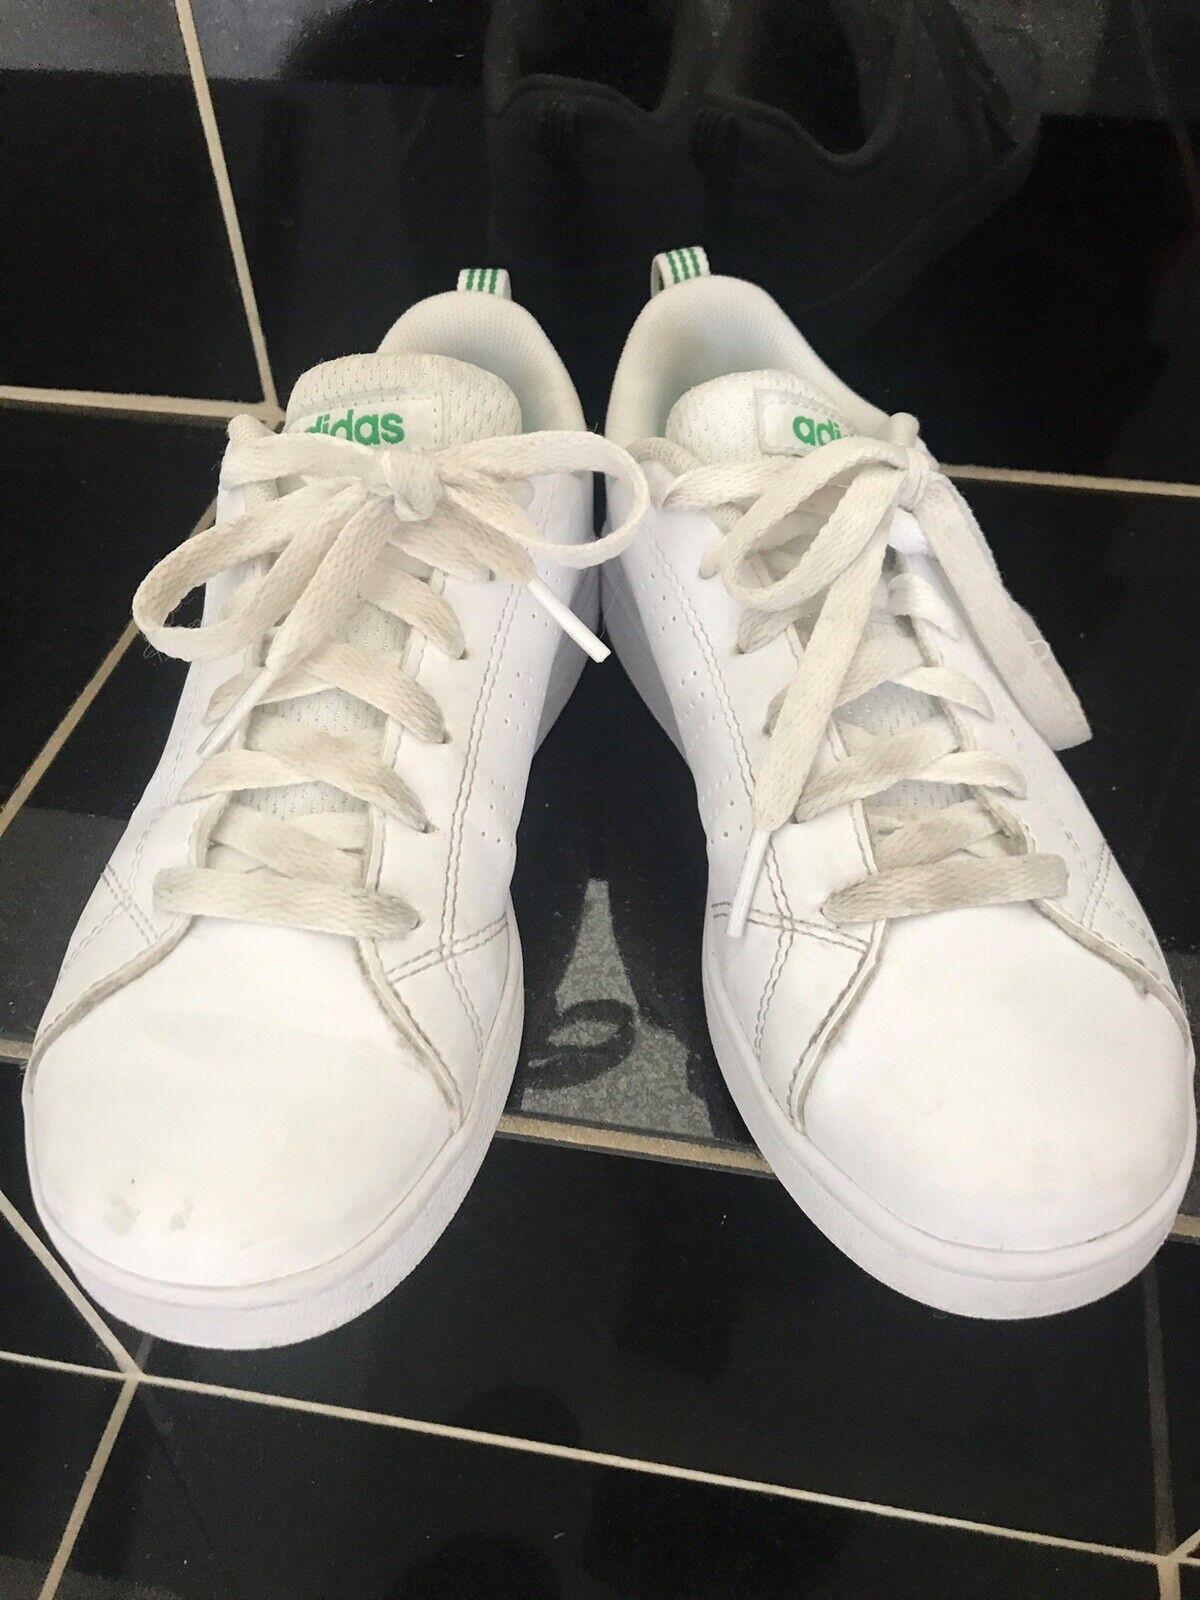 Sneakers, str. 35, Adidas �?dba.dk �?Køb og Salg af Nyt og Brugt